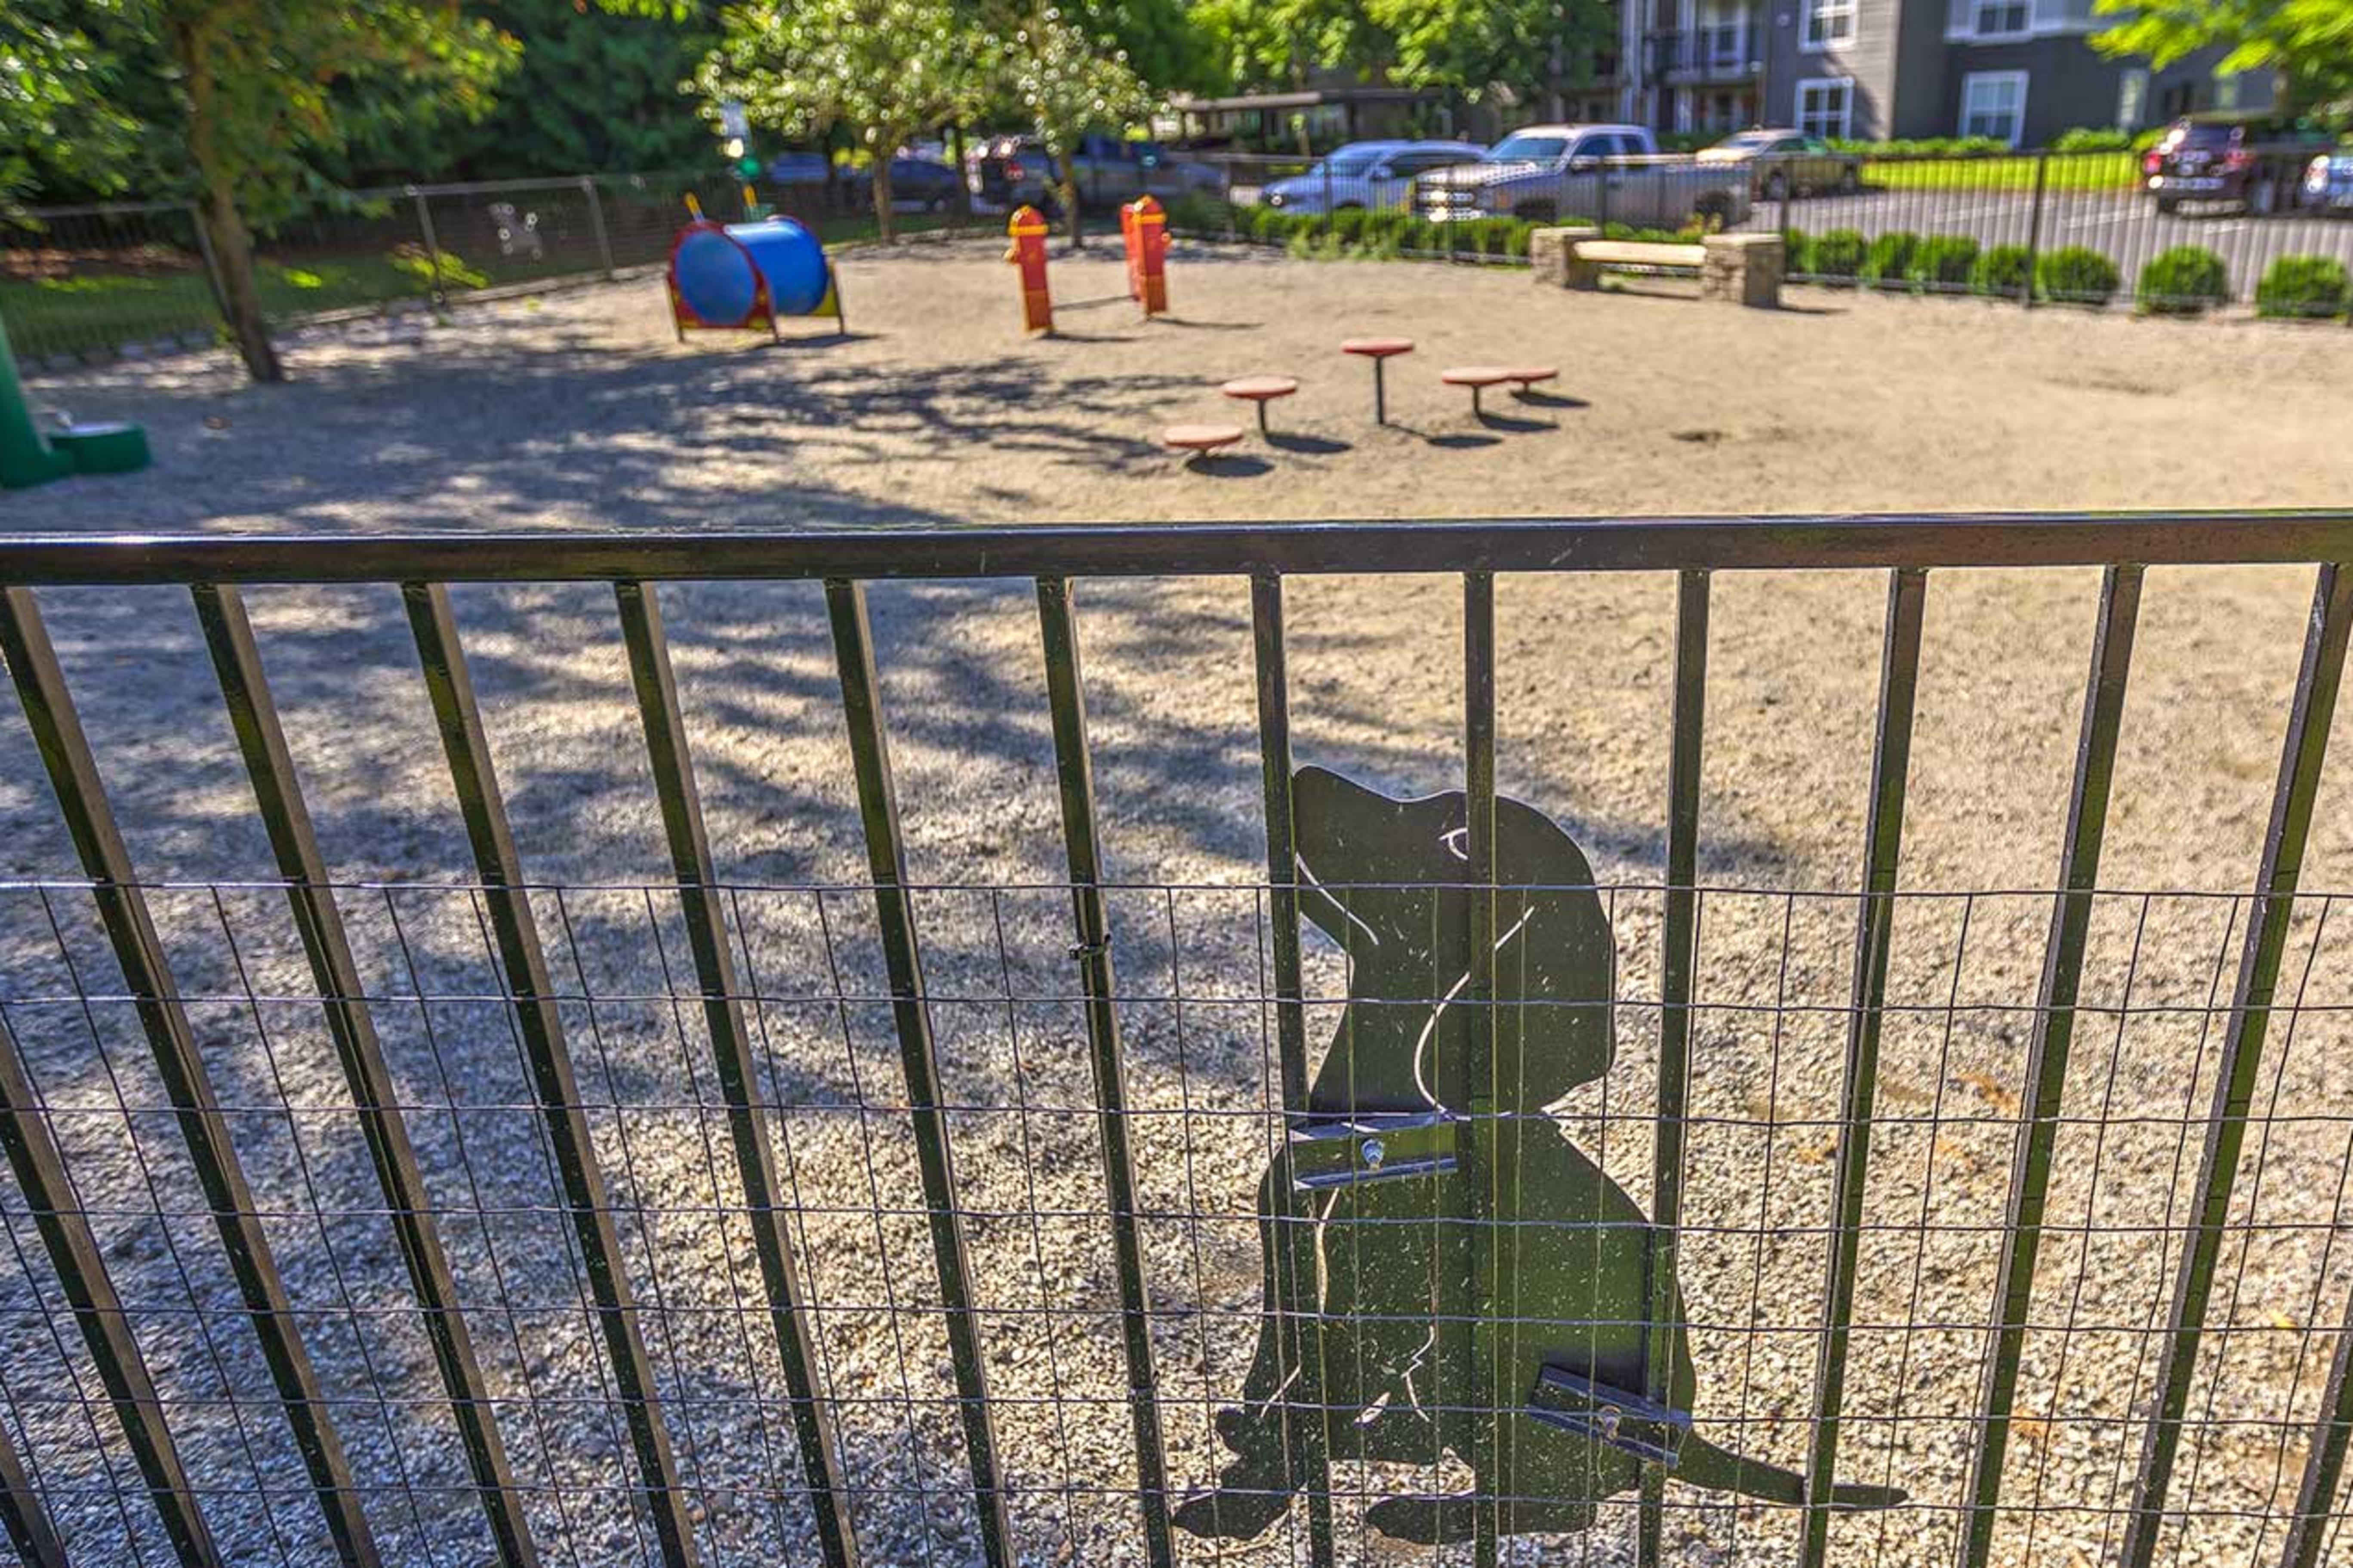 Centro Apartment Homes bark park